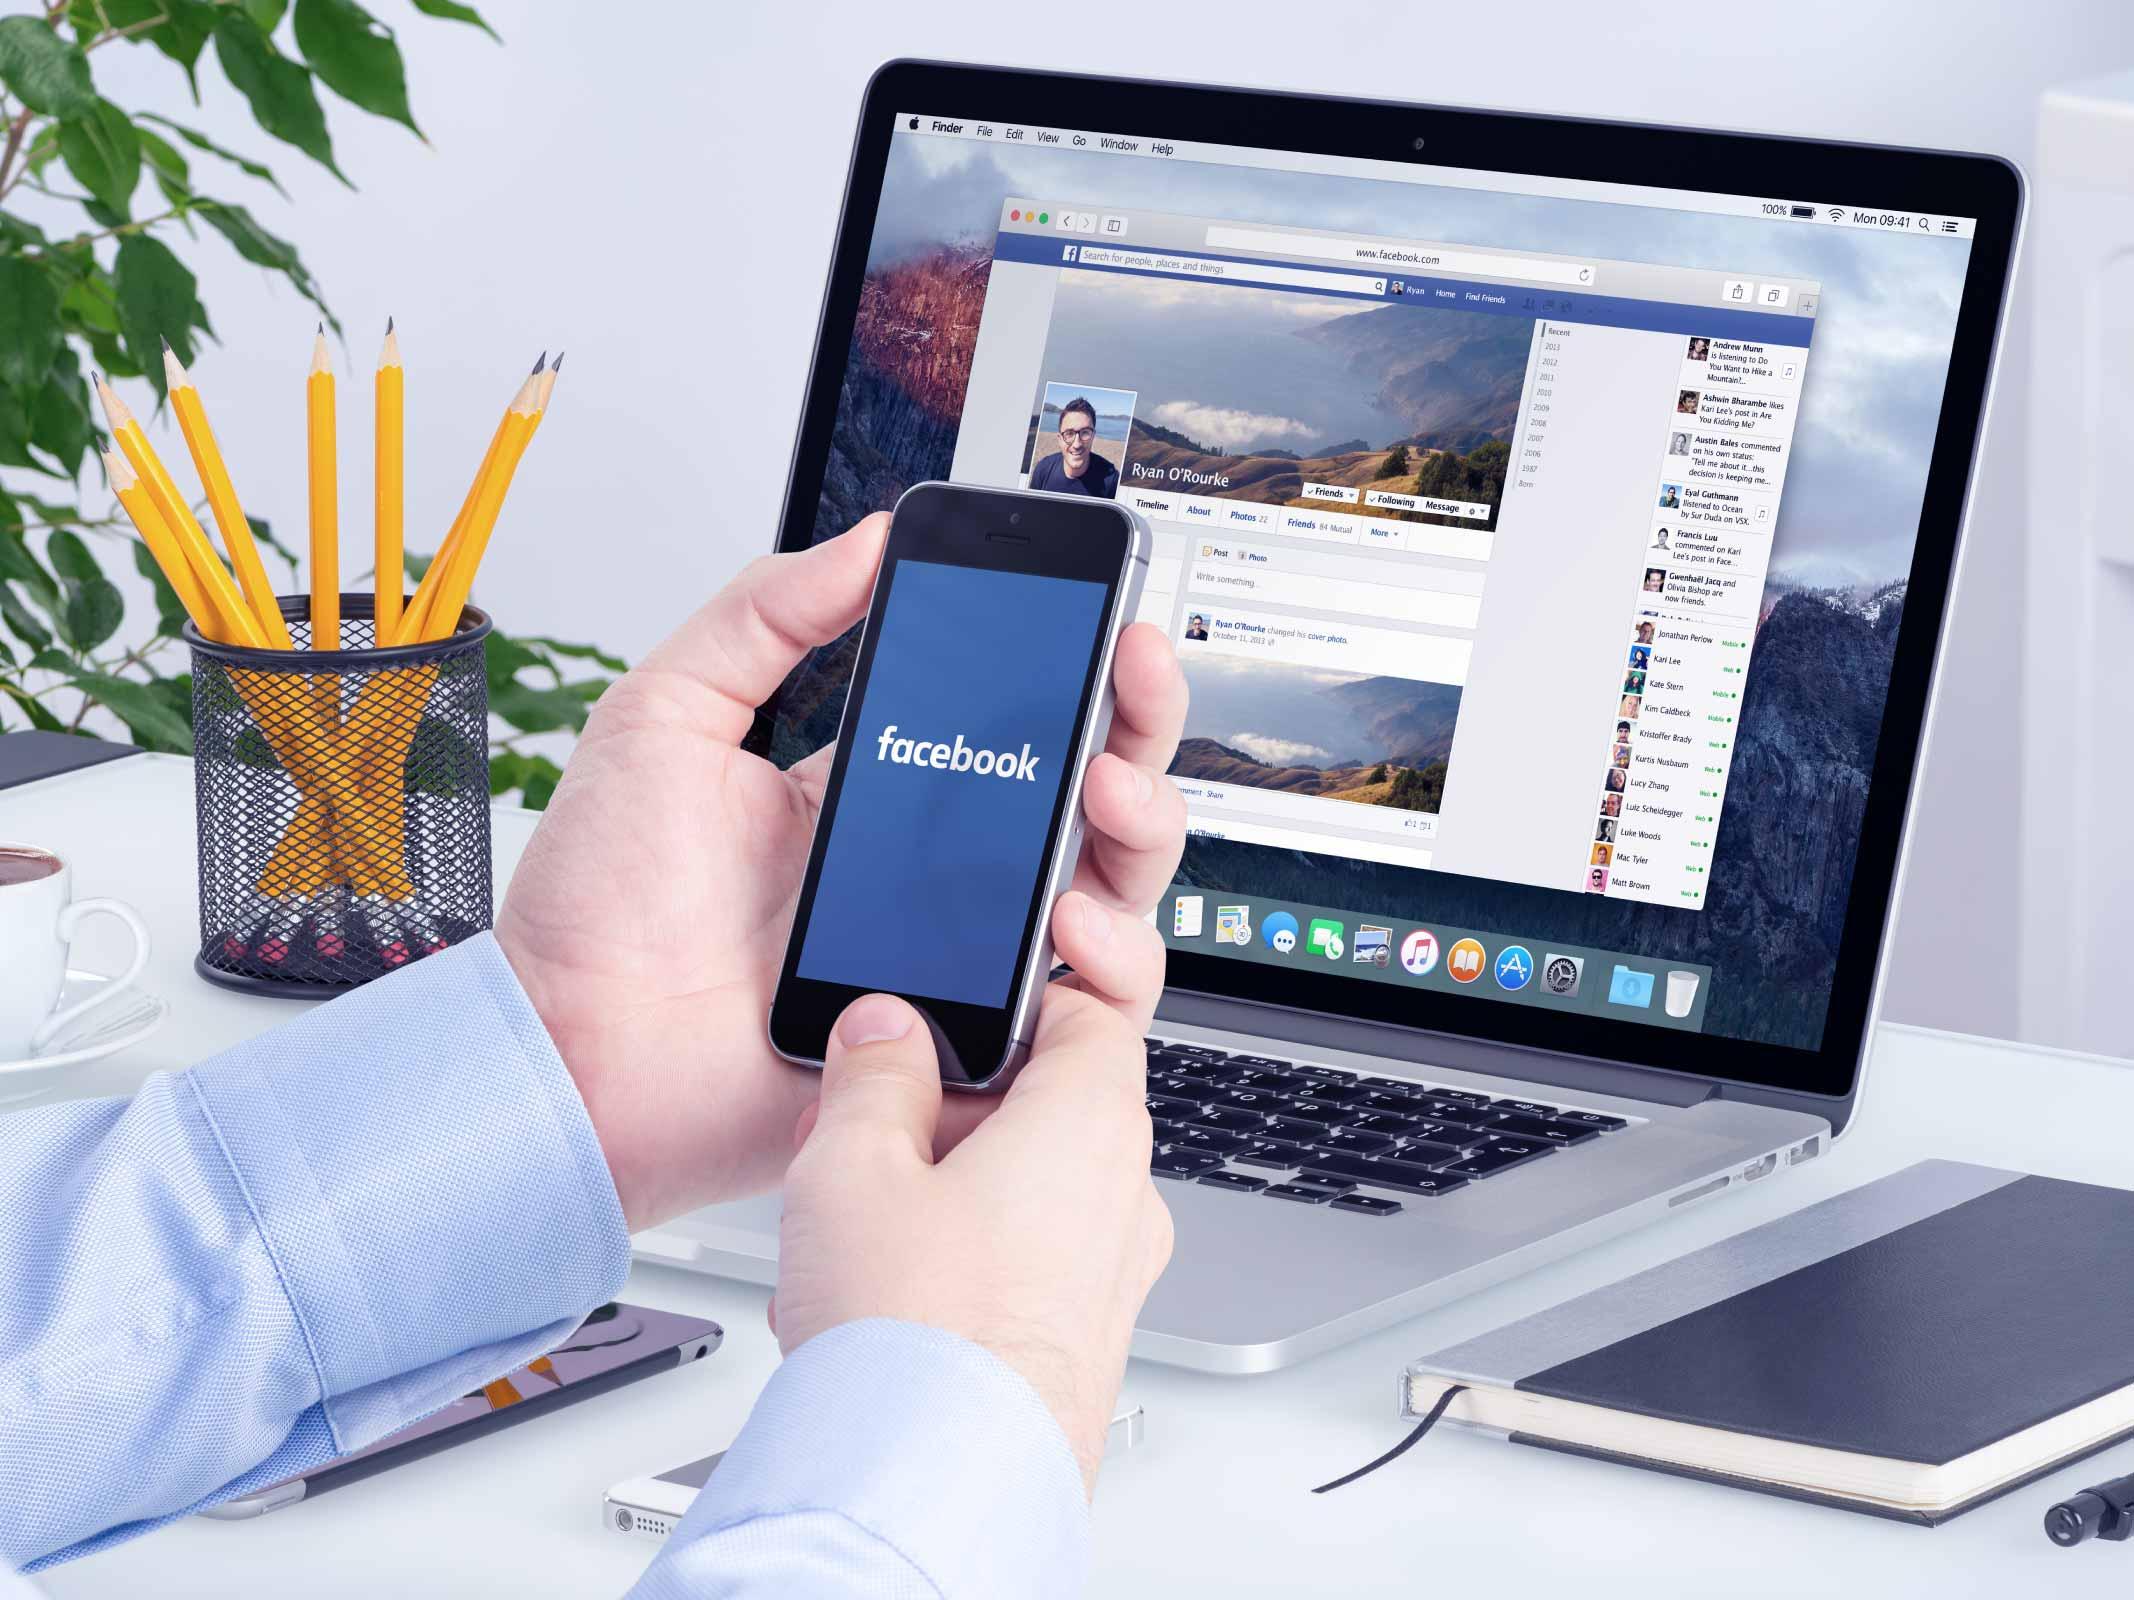 bureau avec une personne qui tient son smartphone allumé sur Facebook devant un ordinateur portable affichant également l'interface de Facebook